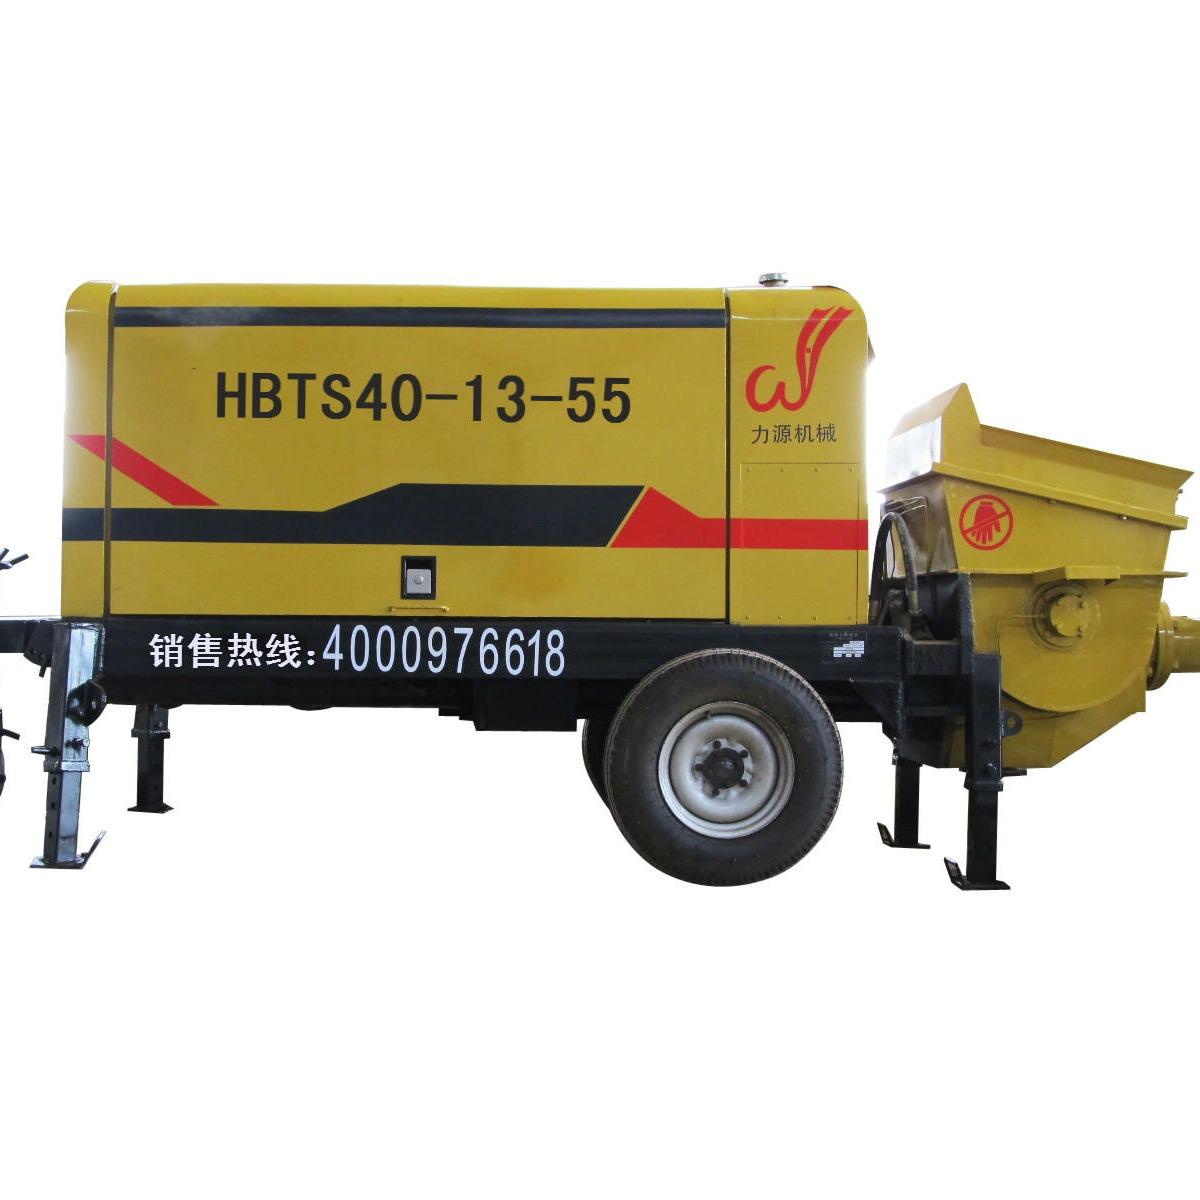 泰安小型細石砂漿泵廠家  細石混凝土泵廠家配置高質量好